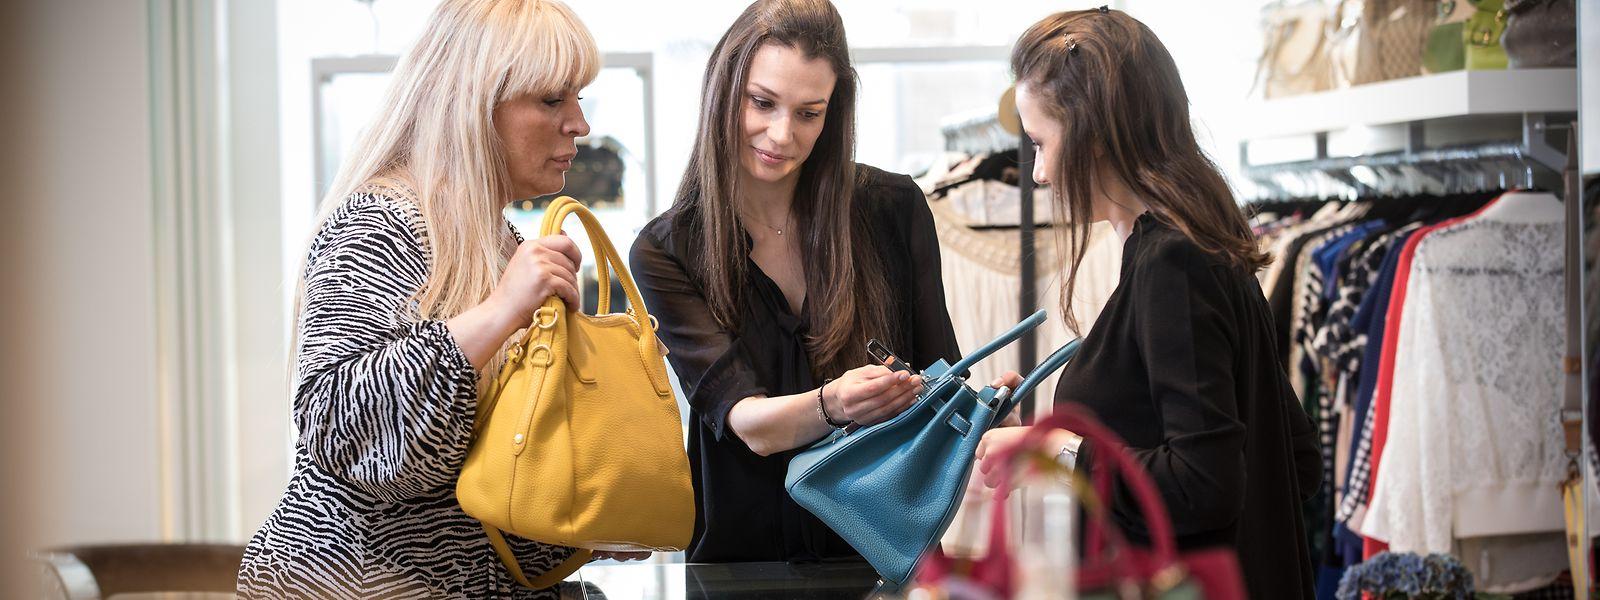 En Europe, en 2019, le marché de la mode de seconde main représentait 13 milliards d'euros.